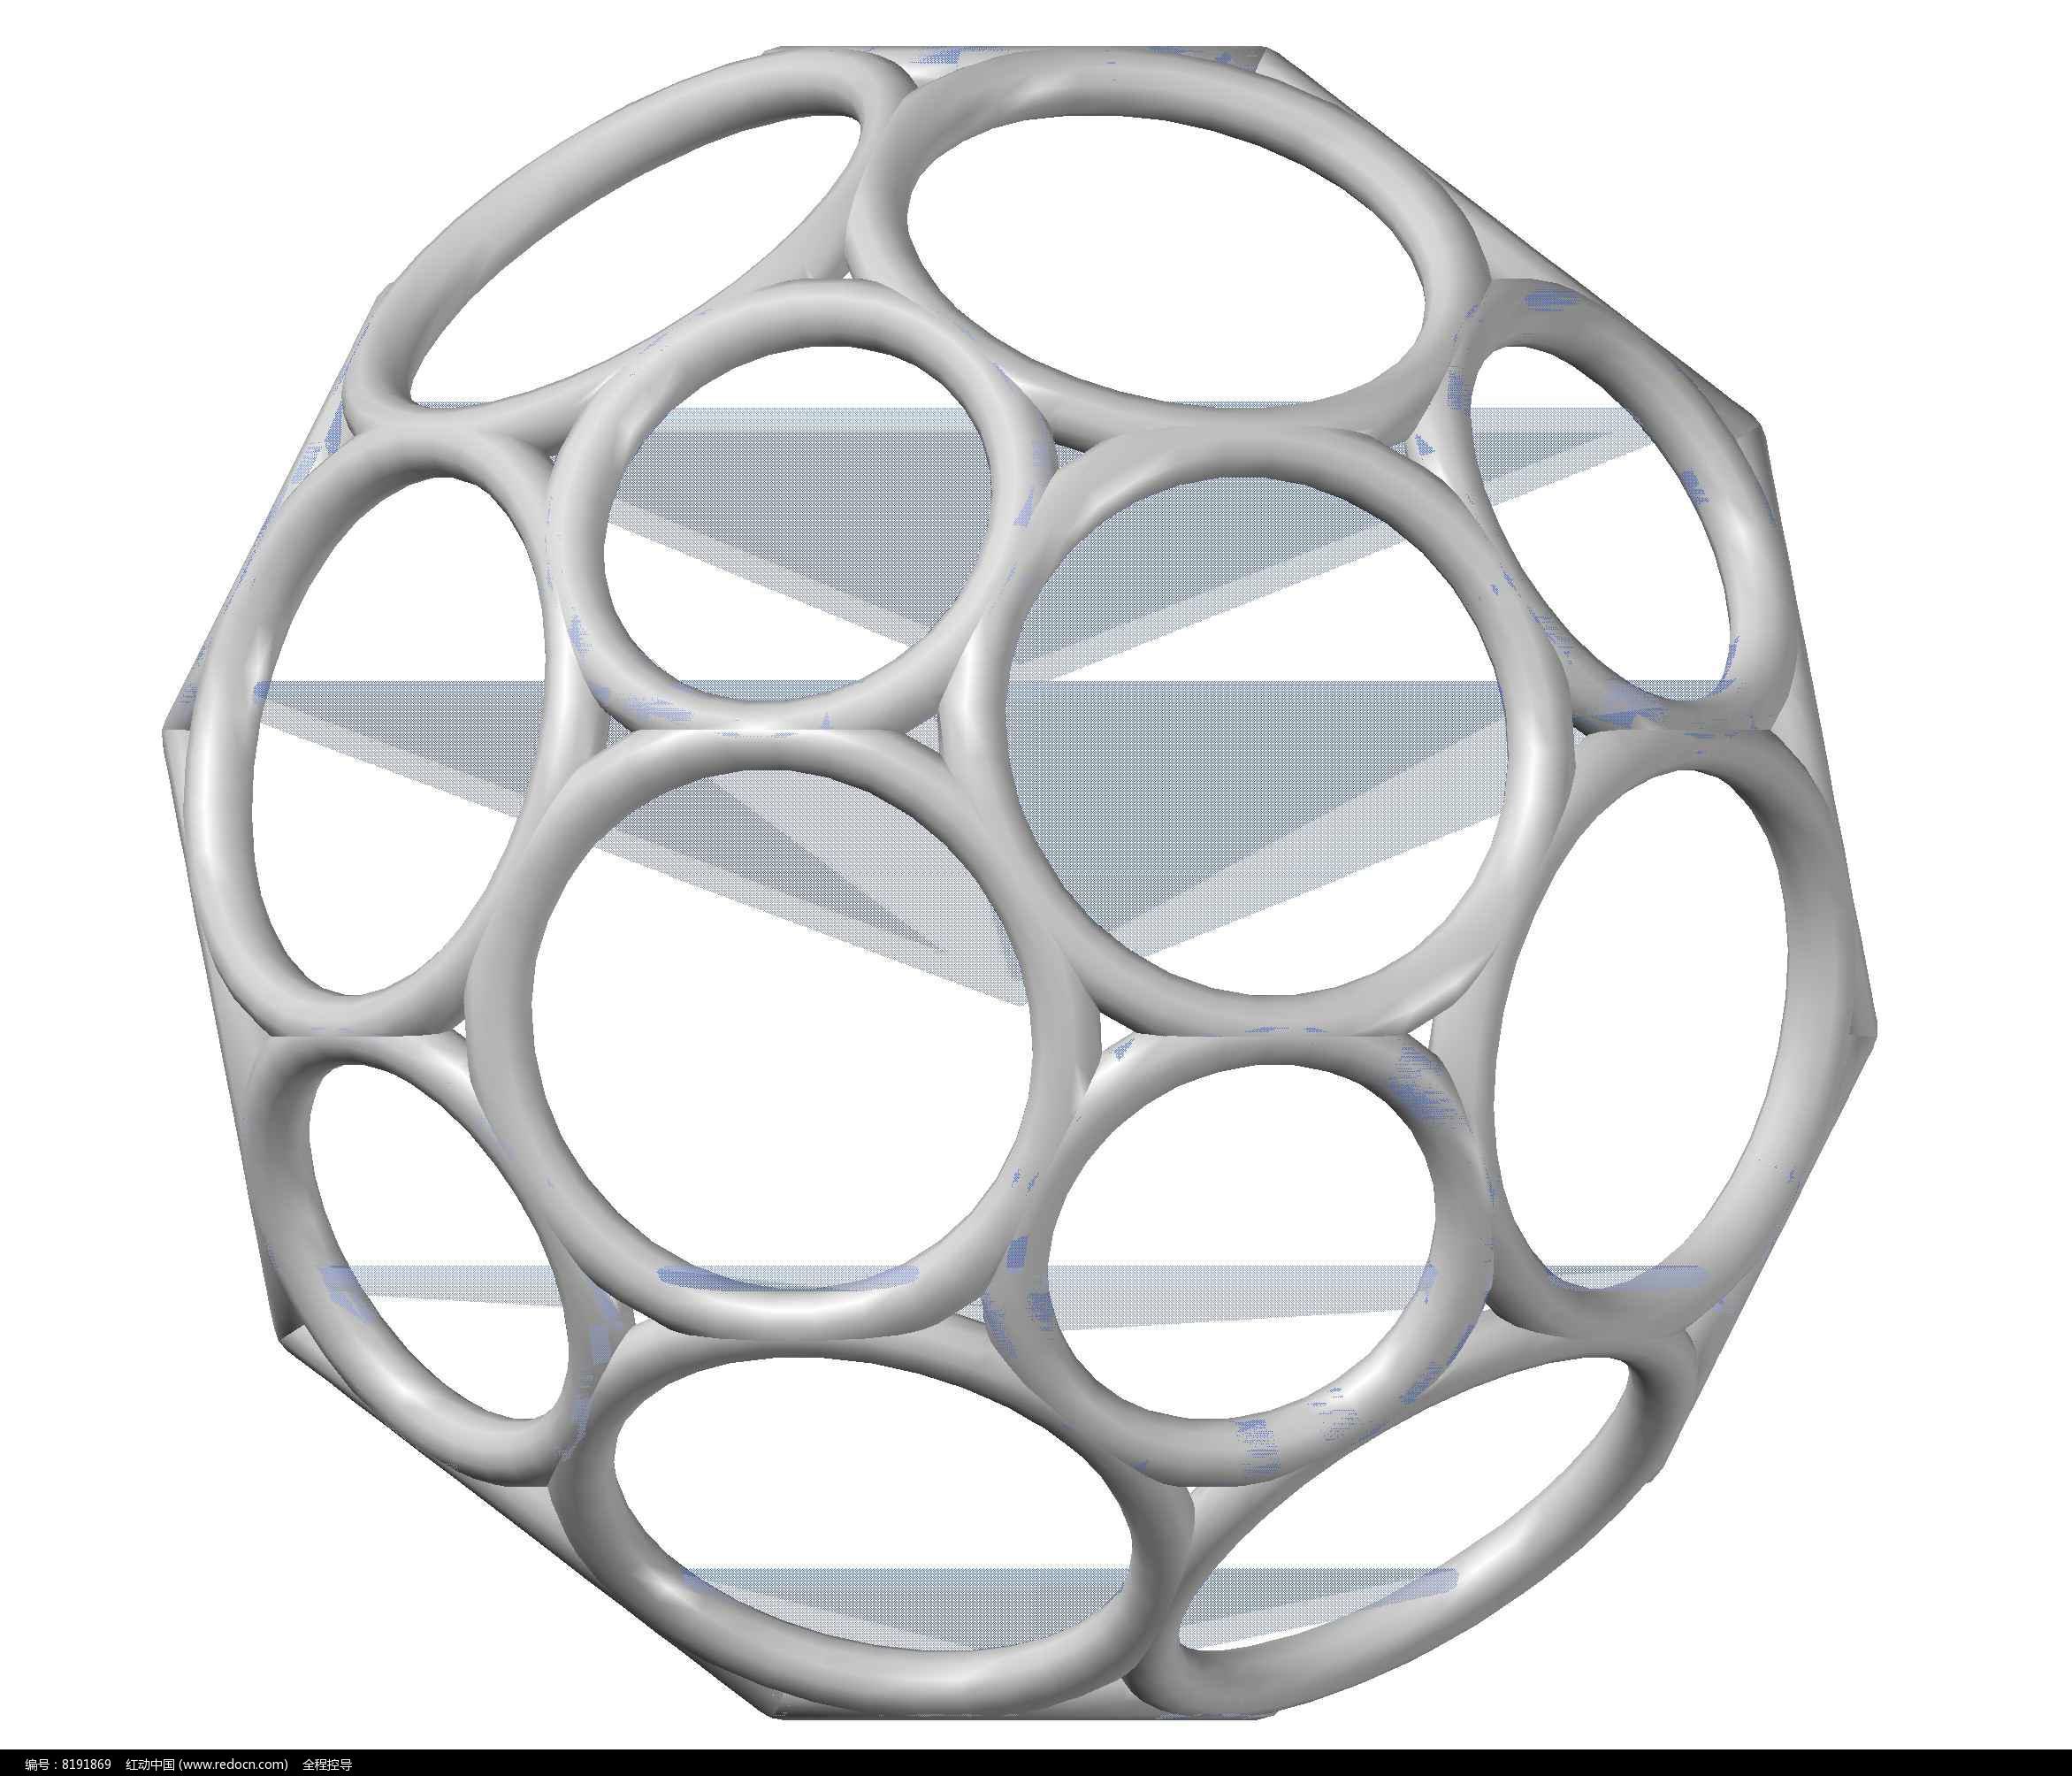 足球化学分子烯CAD三维v足球模型图片素材辰浩cad重生成图片